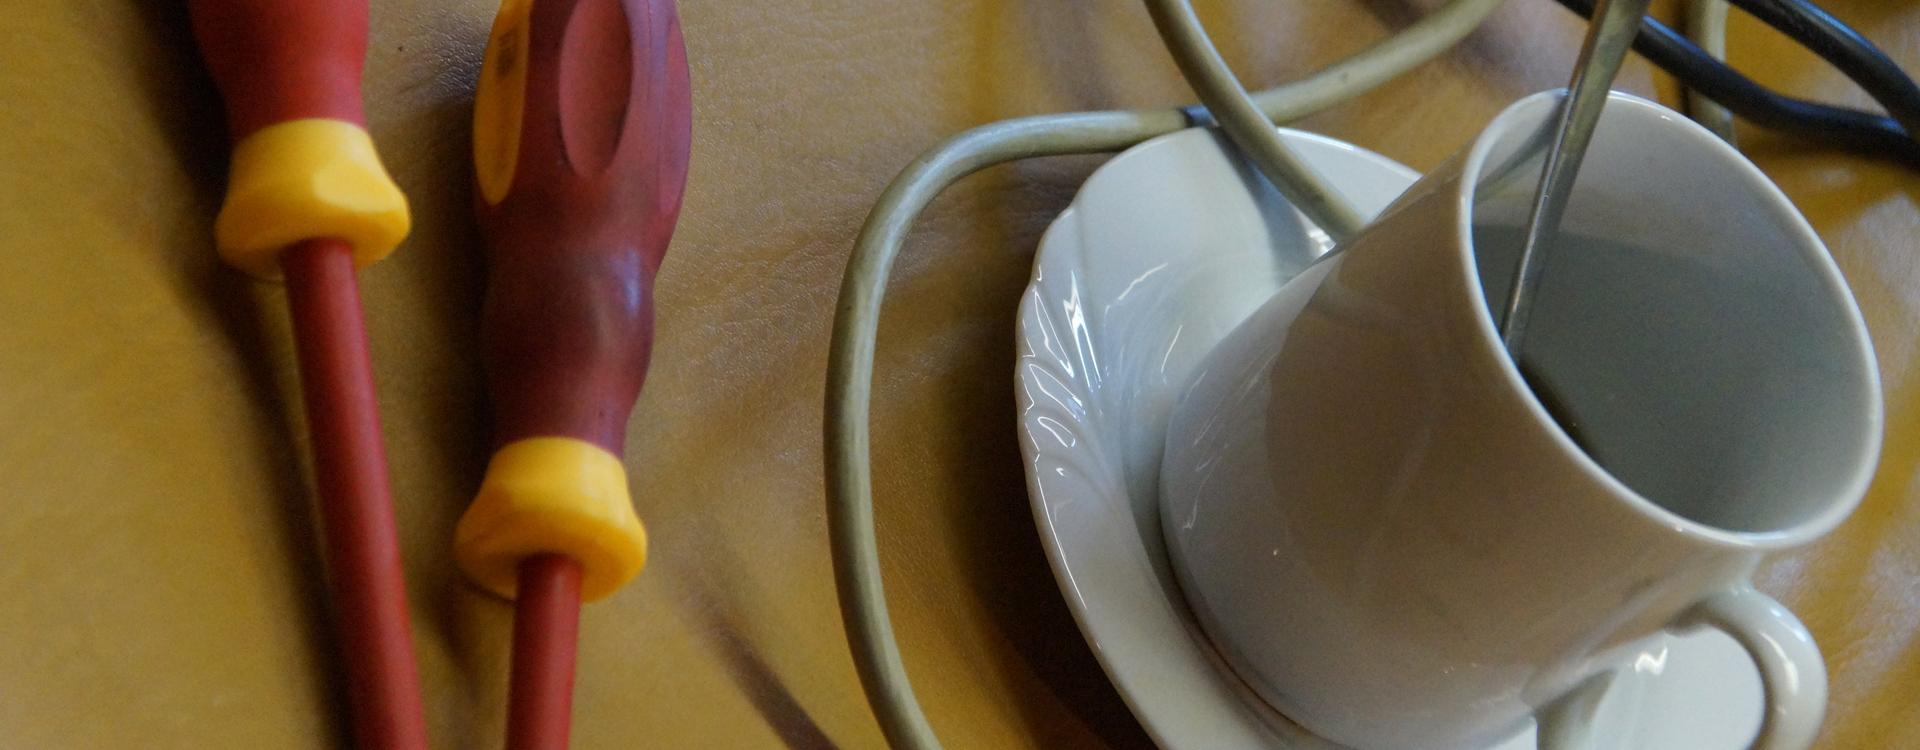 Foto: Kaffeetasse und Werkzeug im Repair Café